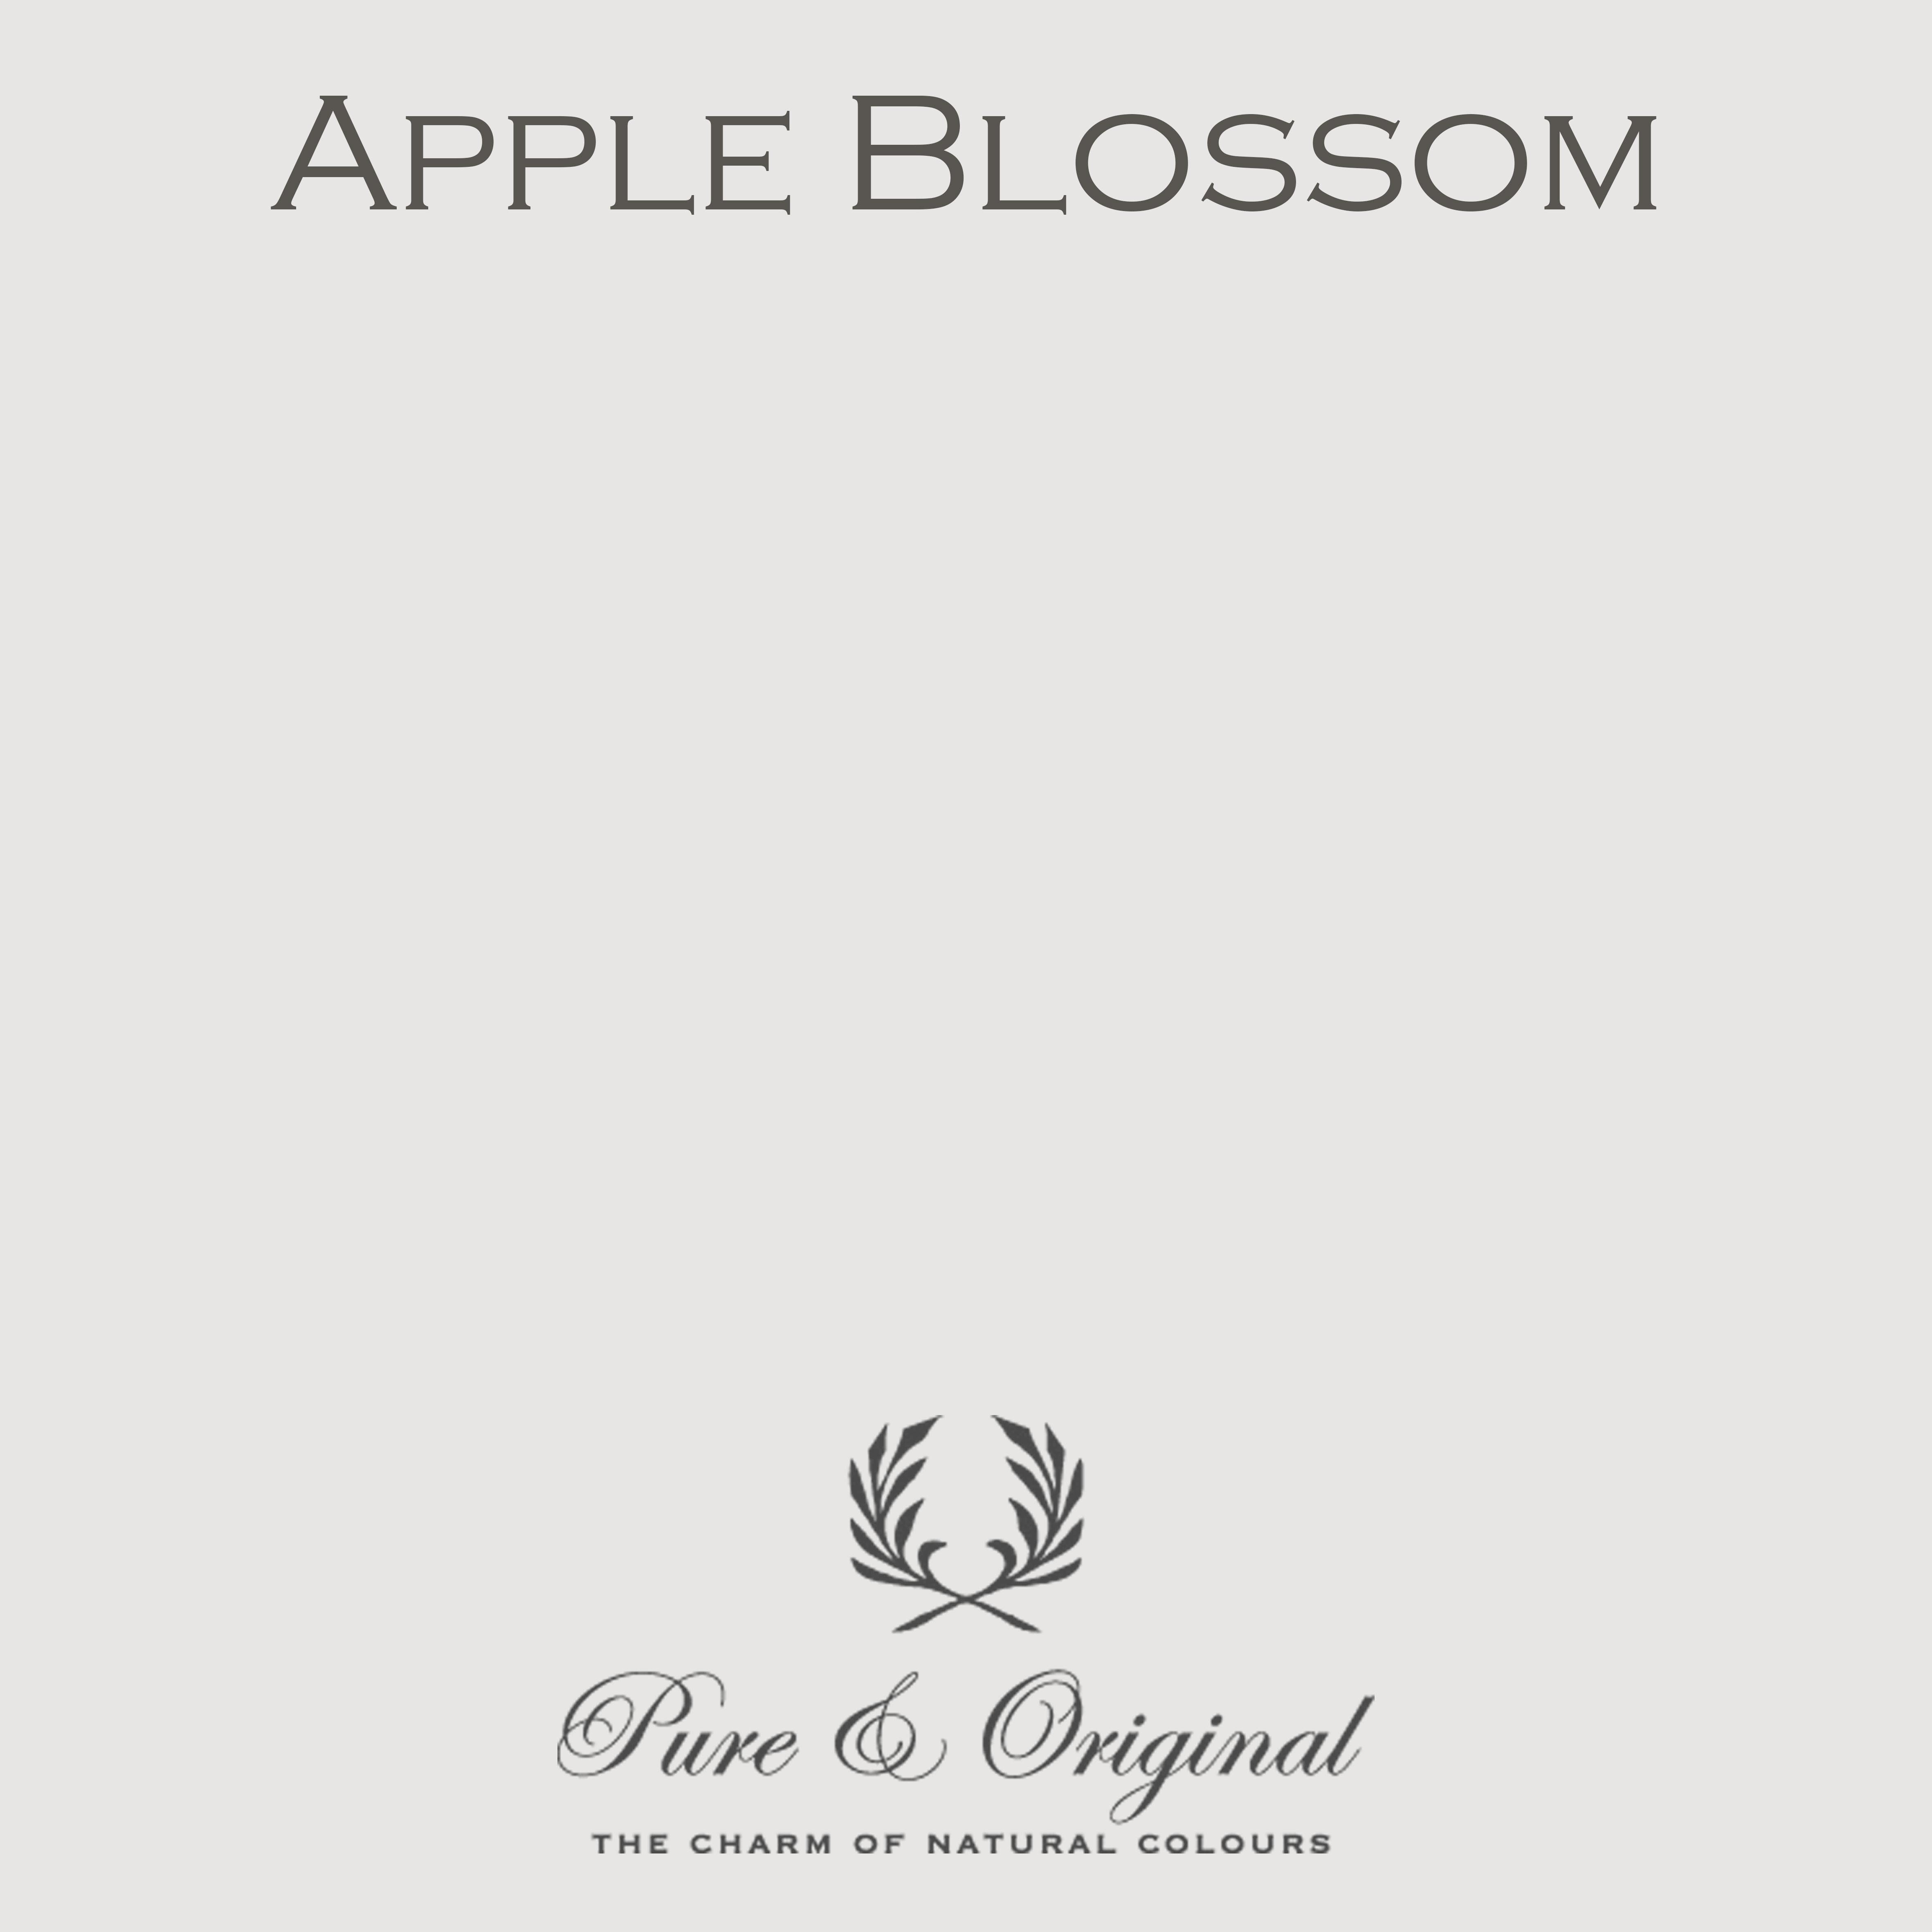 Kulör Apple Blossom, Classico kritfärg